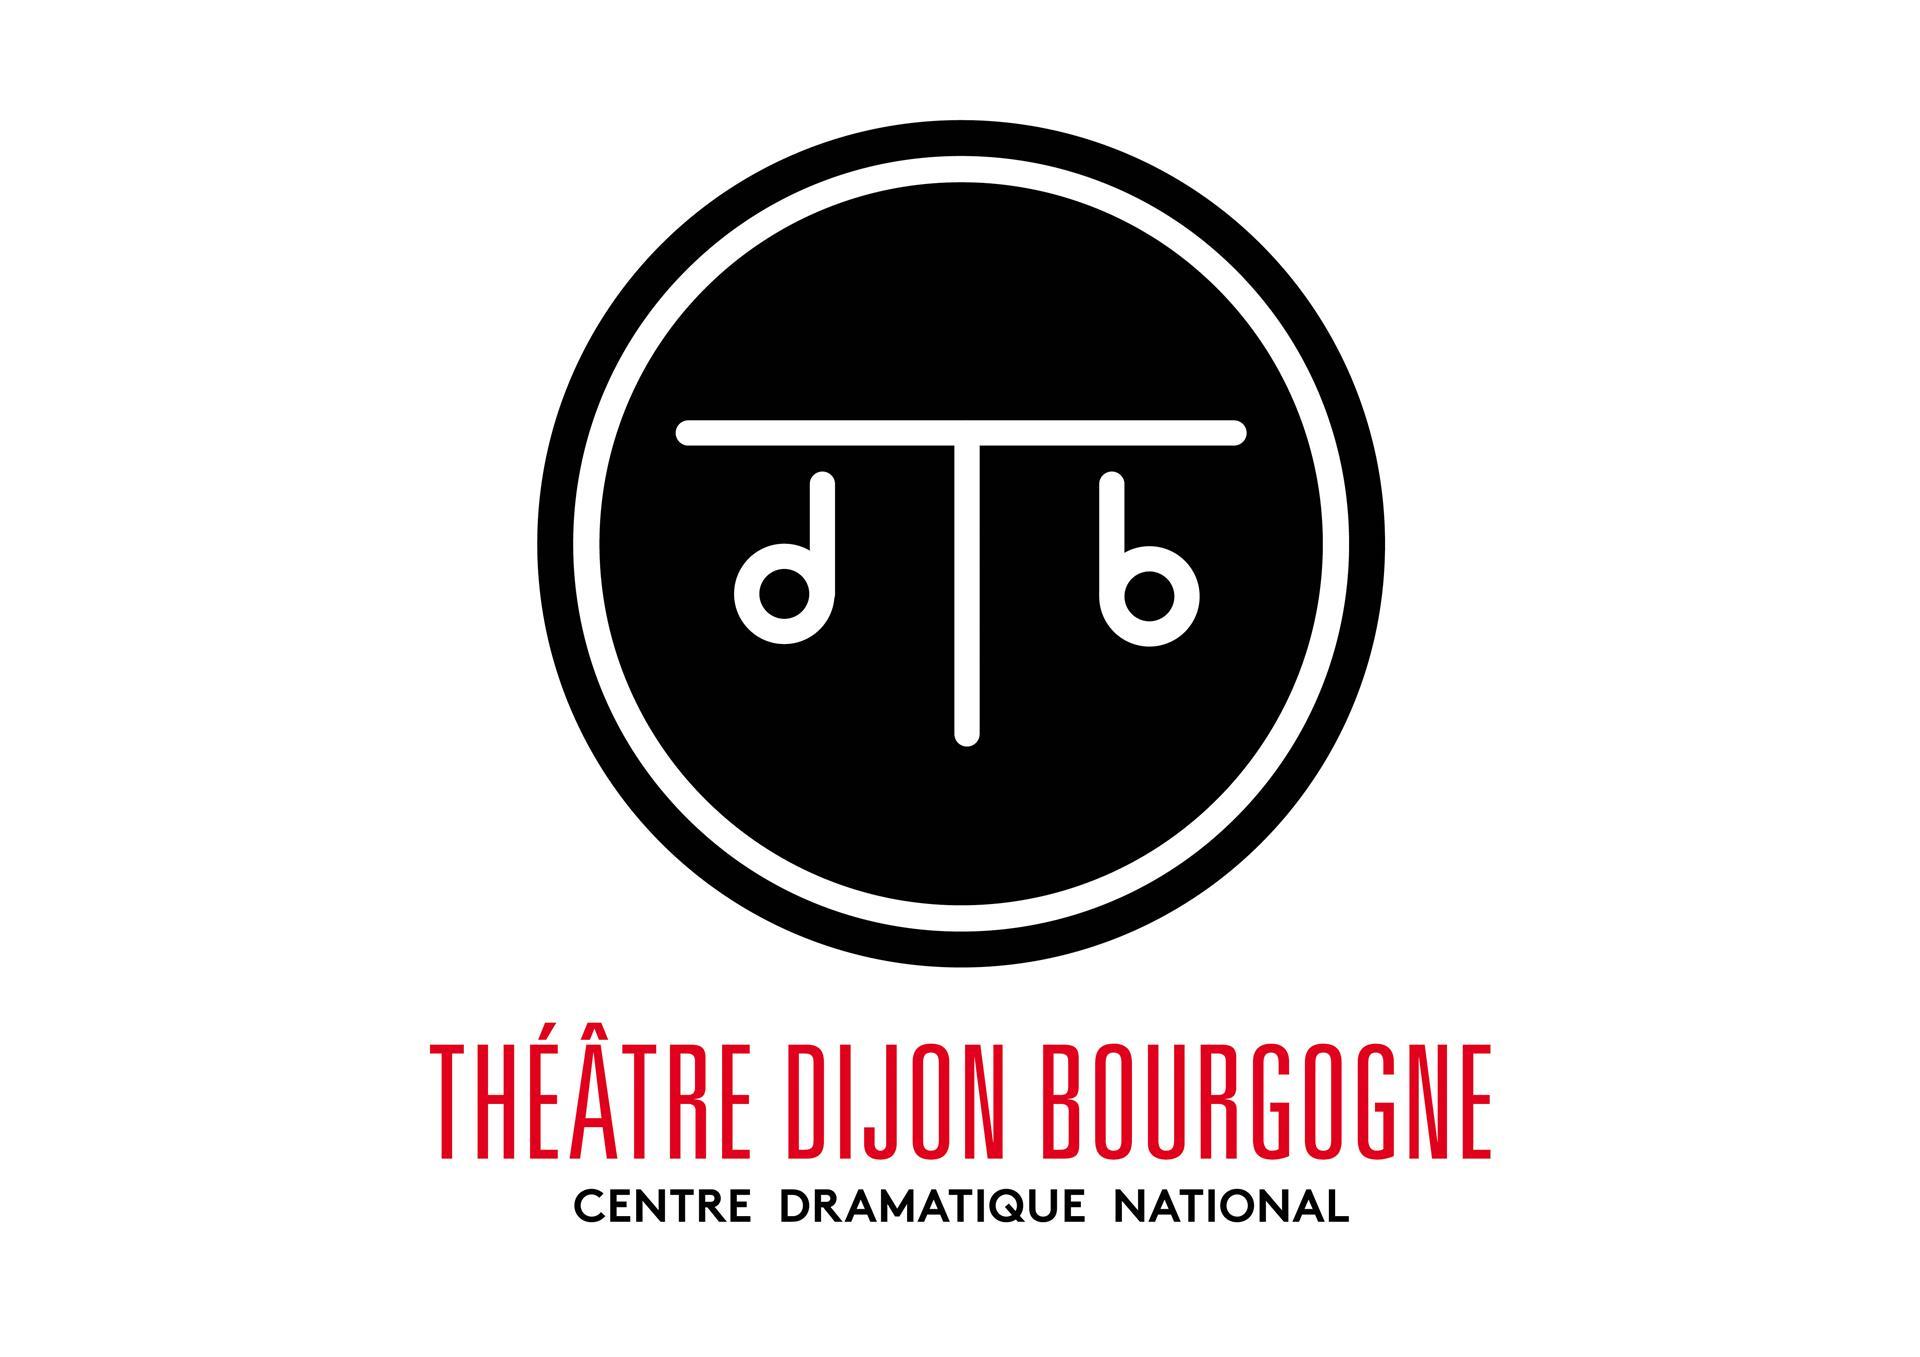 Logo TDB - Théâtre Dijon Bourgogne © Théâtre Dijon Bourgogne